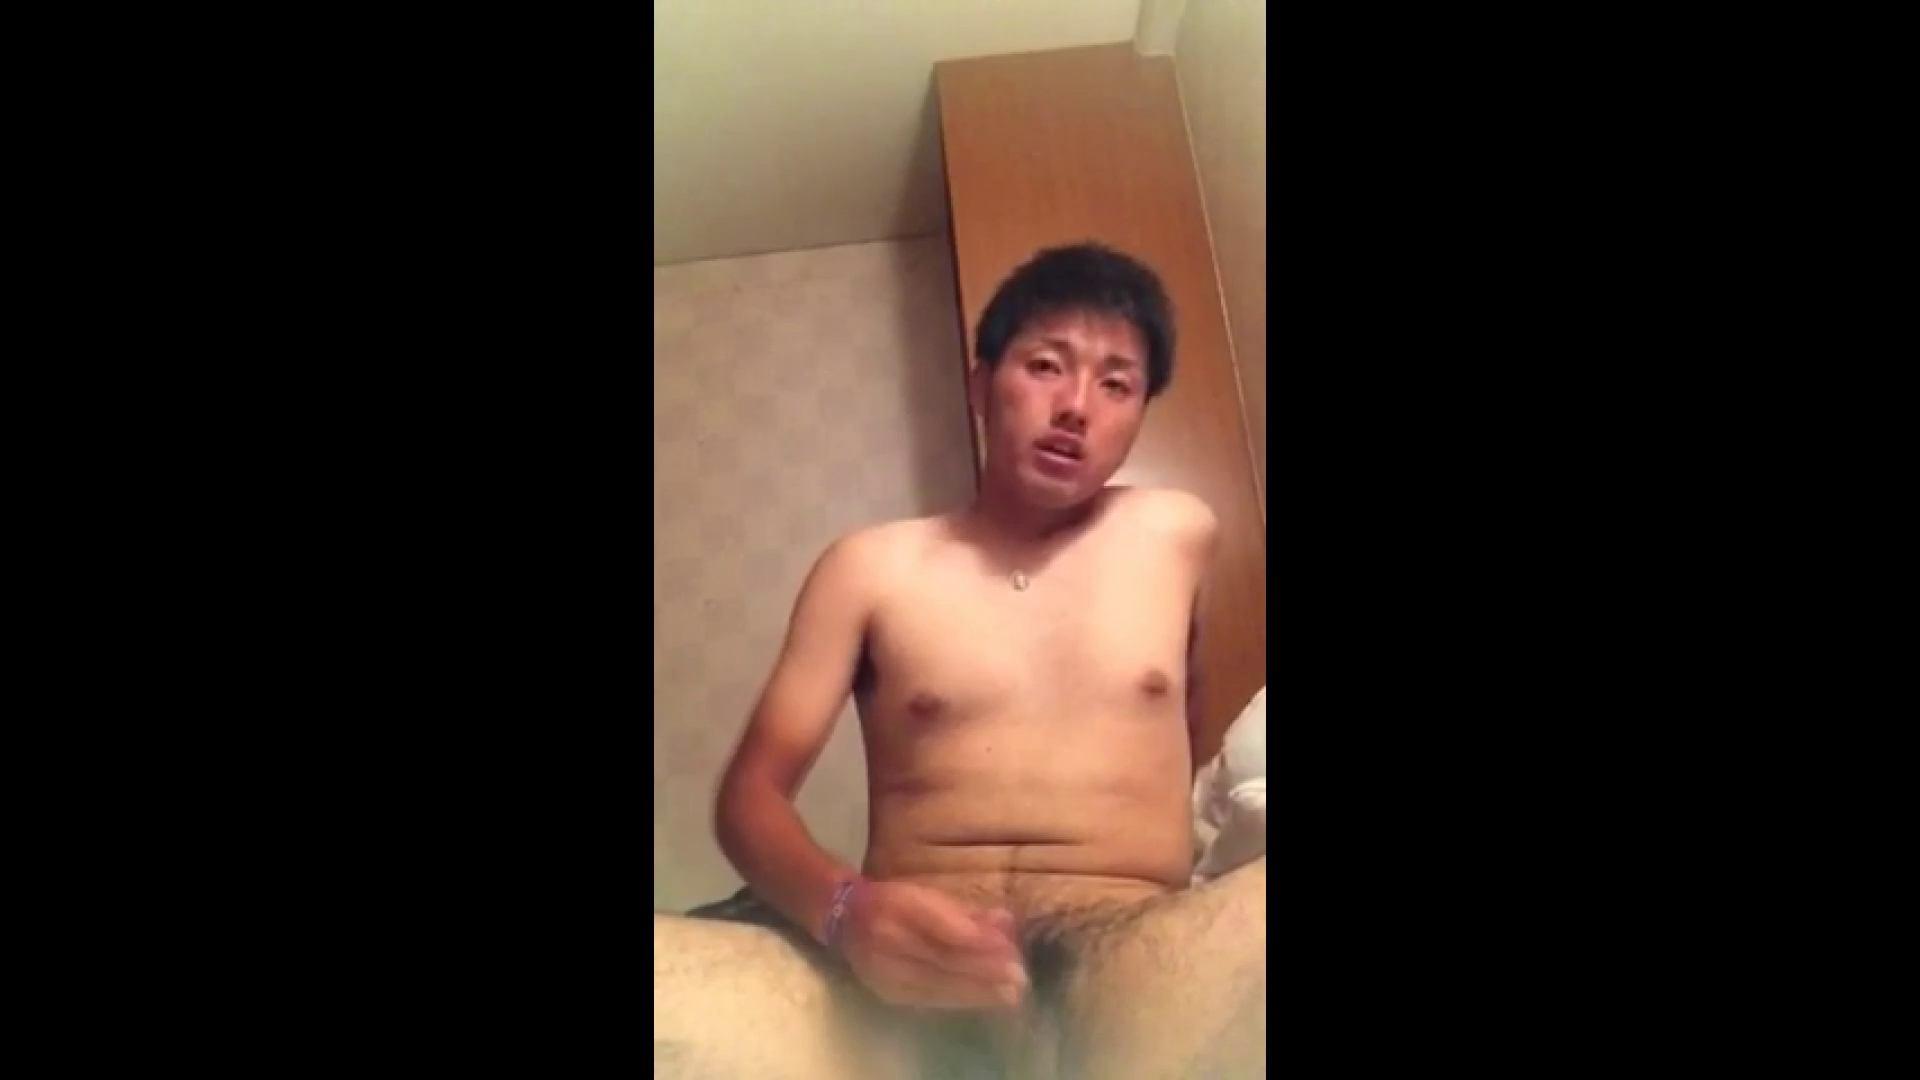 キター!ノンケちゃんオナニー特集vol.29 オナニー ゲイモロ画像 75pic 18